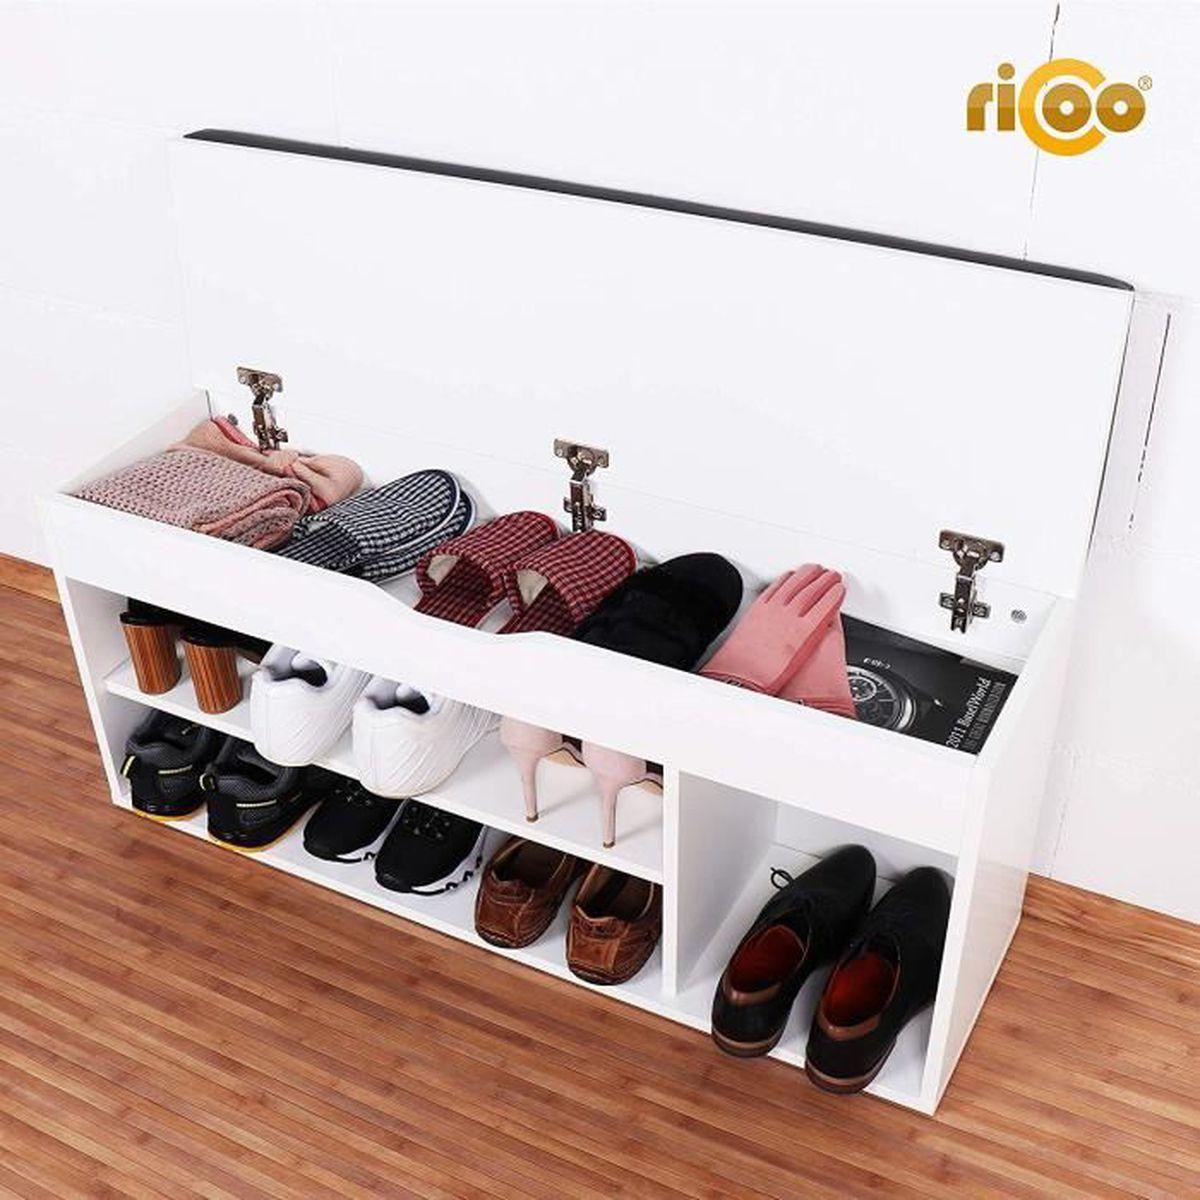 Meuble Rangement Chaussures Entree meuble de rangement pour chaussure wm034-w-a banc armoire